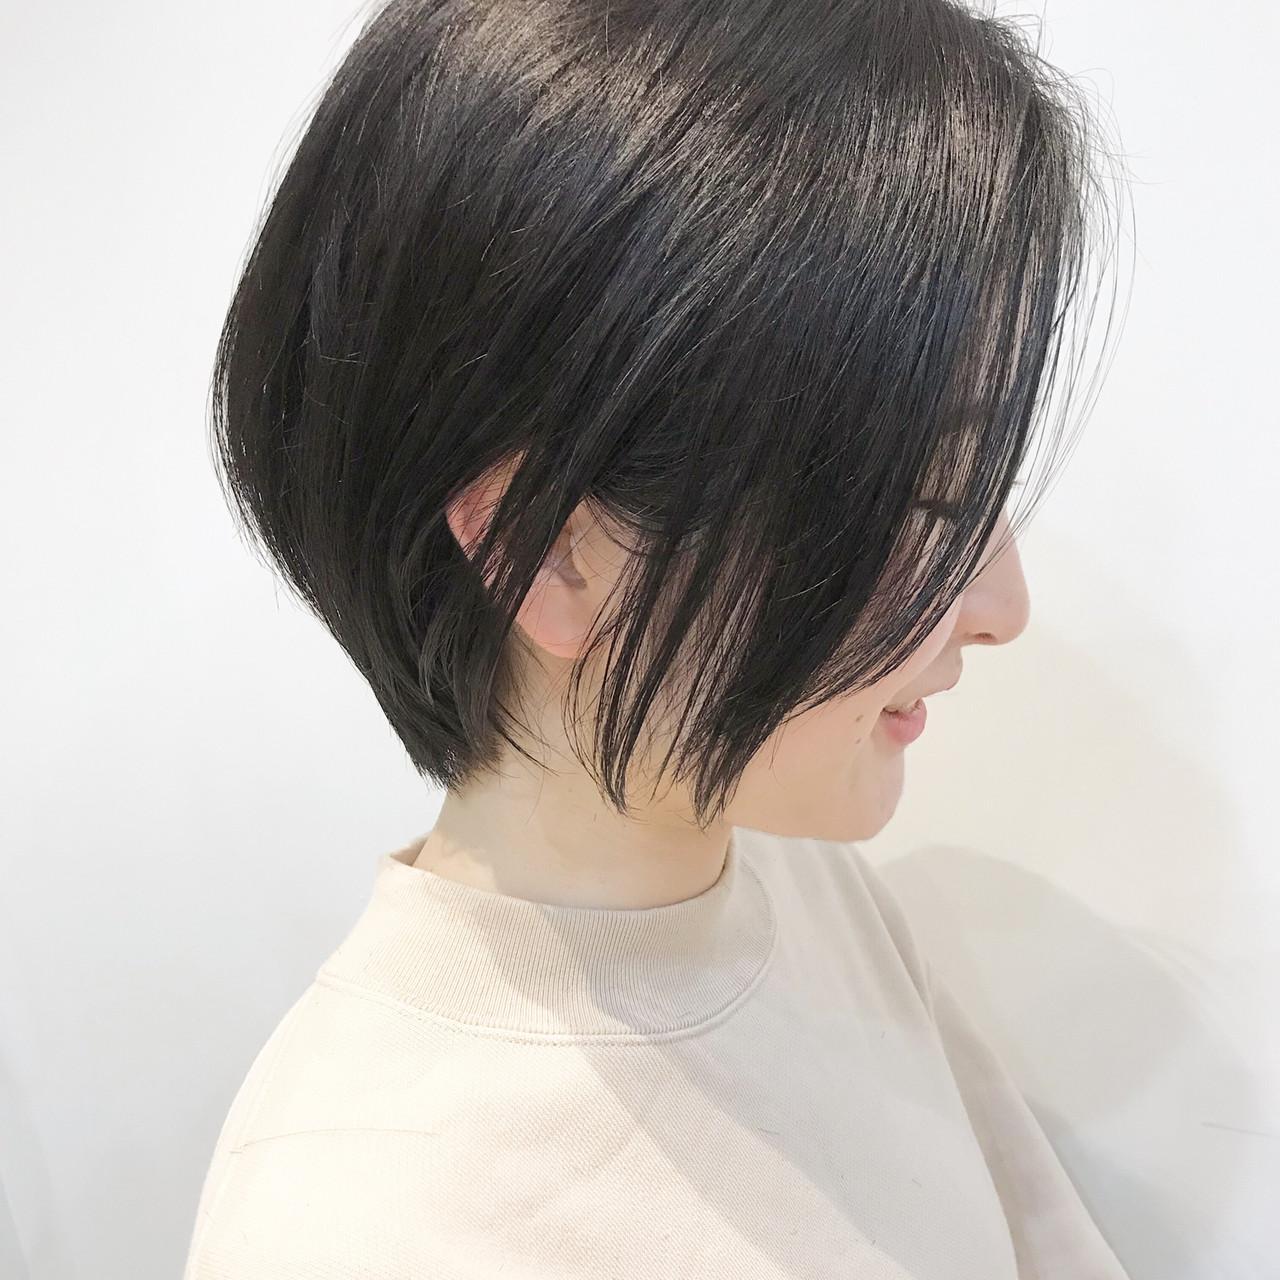 デート ショートバング オフィス ショート ヘアスタイルや髪型の写真・画像 | 大人可愛い【ショート・ボブが得意】つばさ / VIE